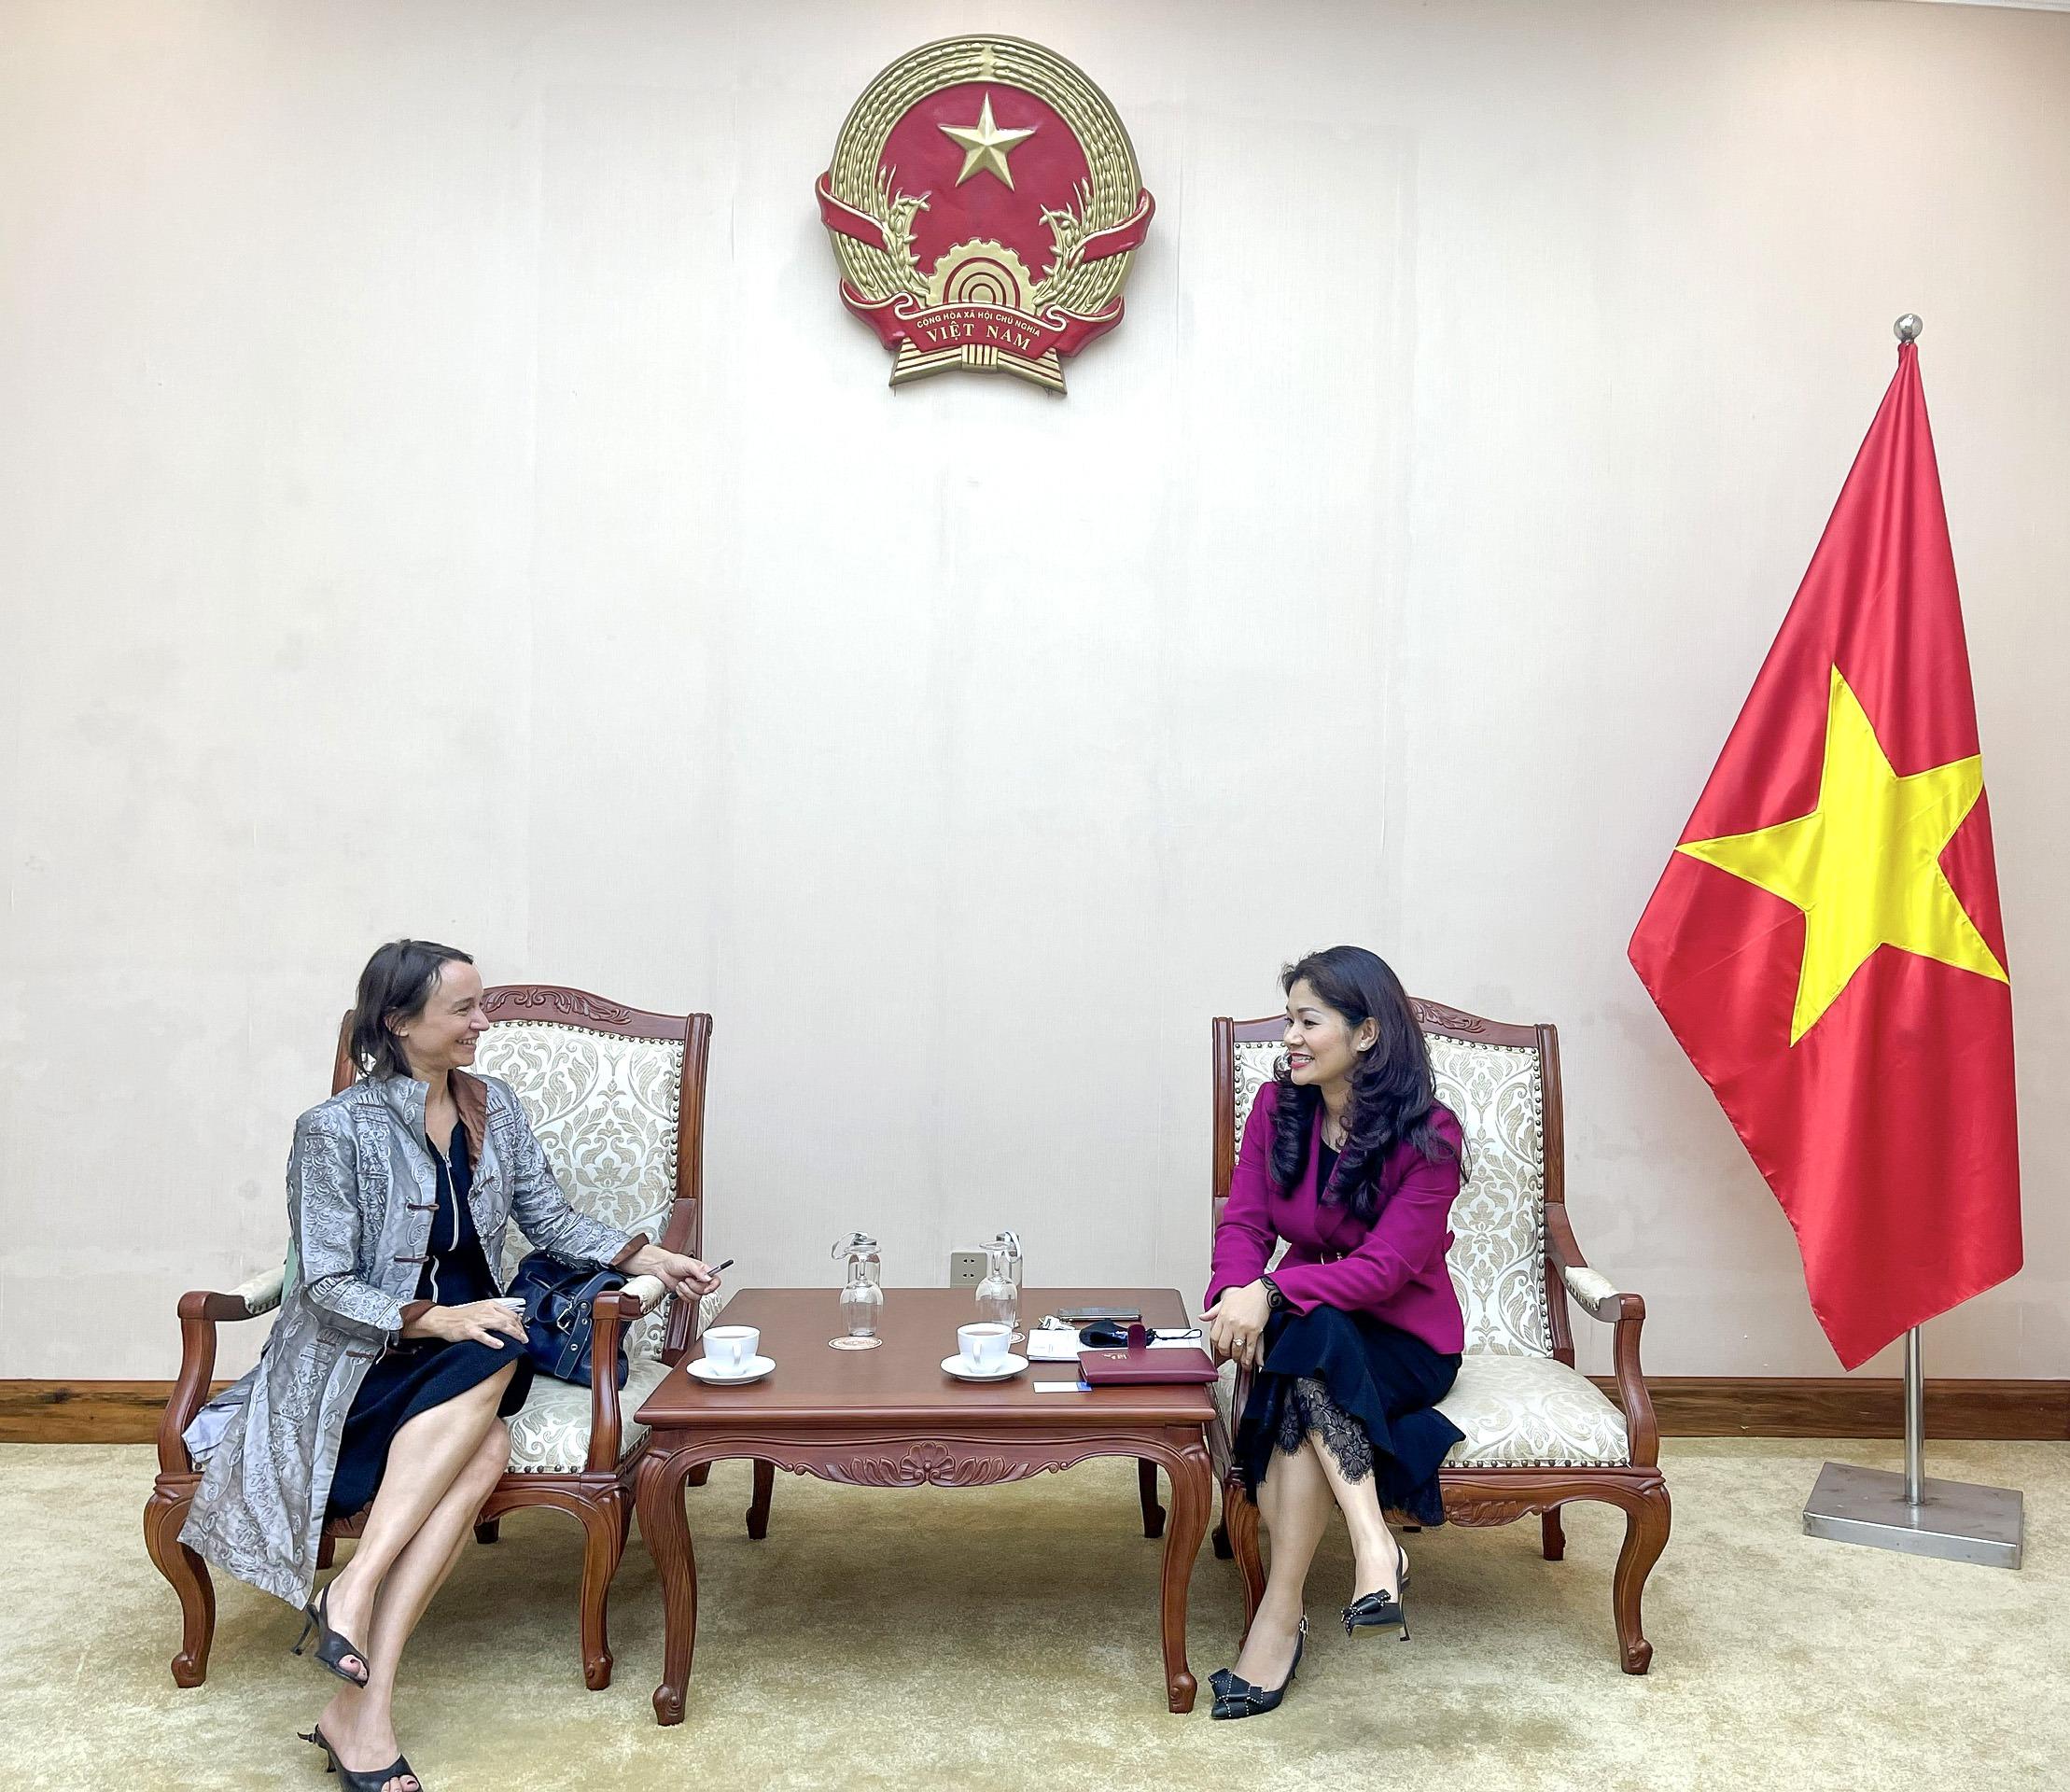 Cục trưởng Cục Hợp tác quốc tế làm việc với  Tham tán Văn hóa và hợp tác, Đại sứ quán Pháp tại Việt Nam